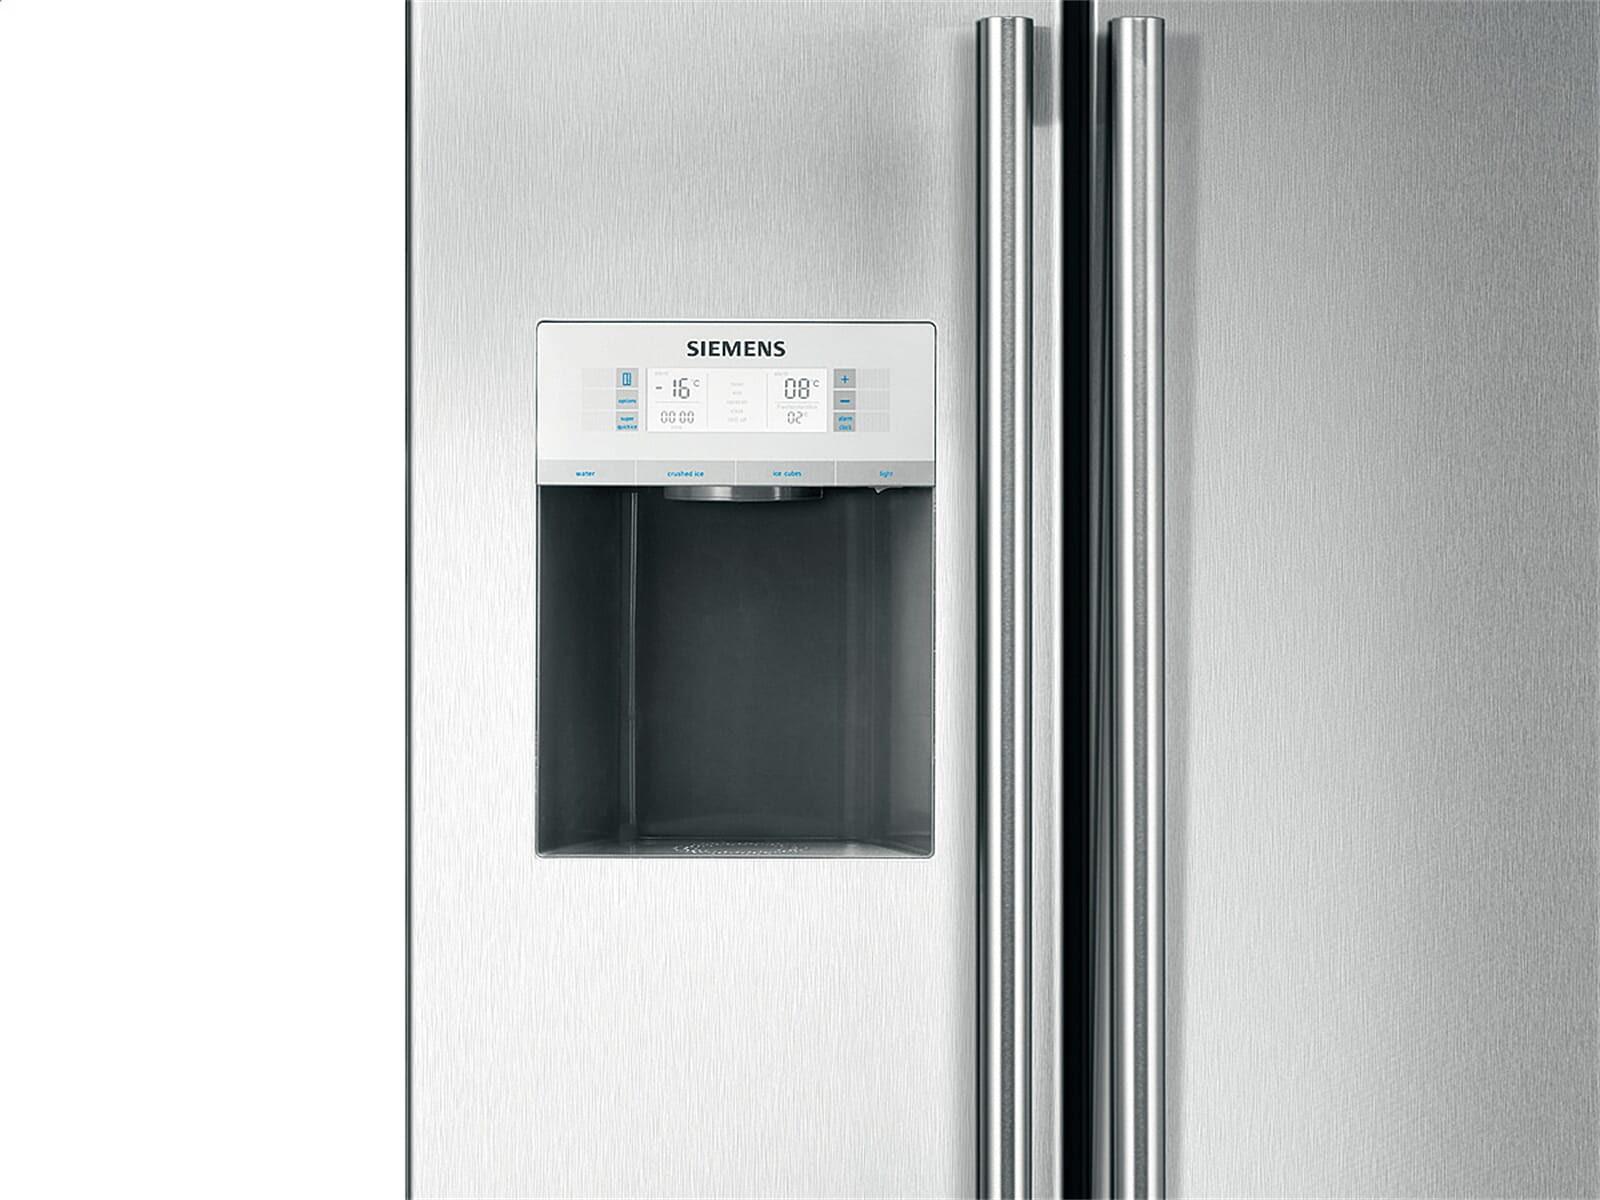 Side By Side Kühlschrank Siemens : Siemens kühlschrank edelstahl side by side tobin bonnie